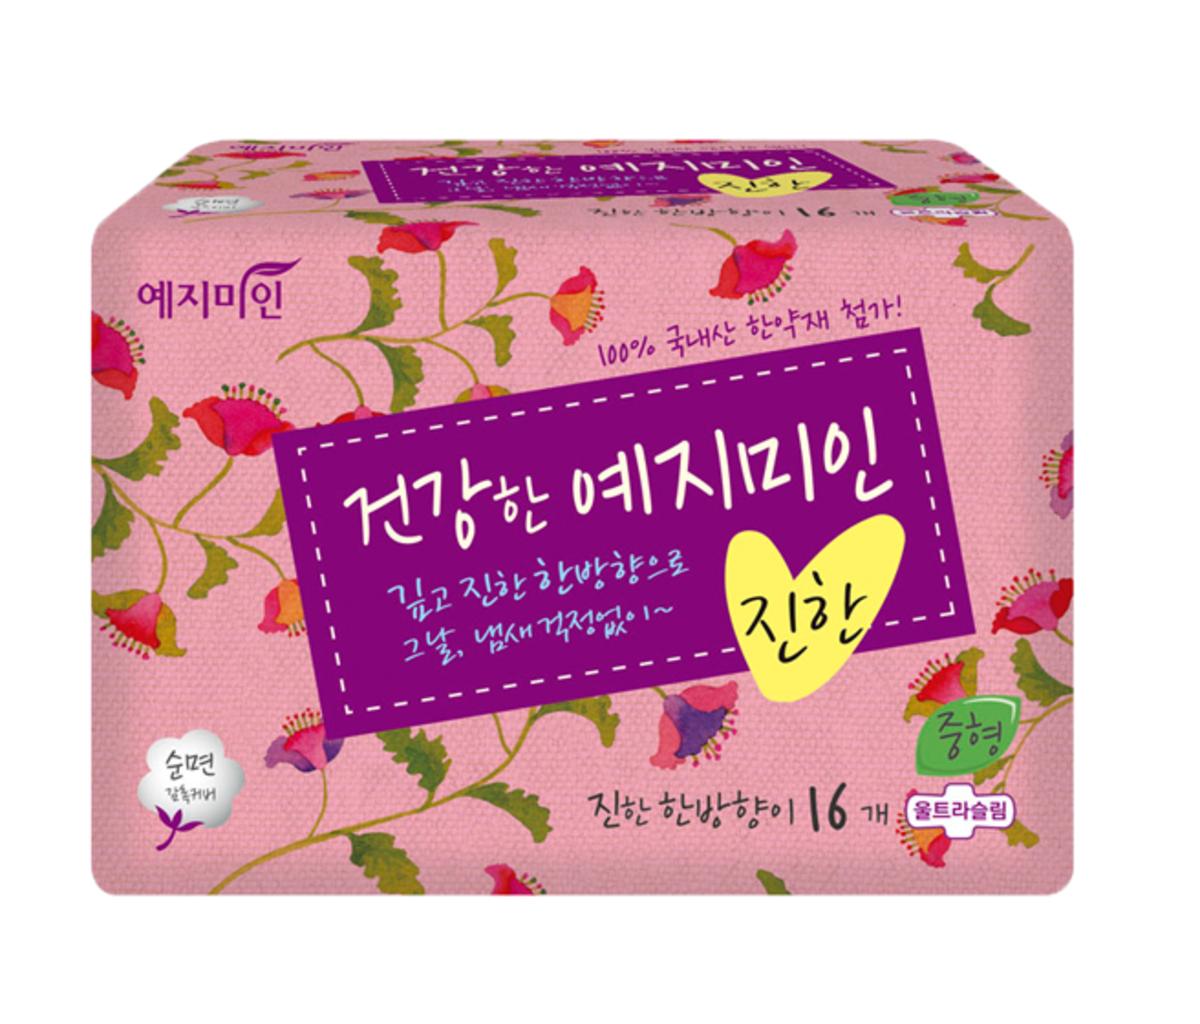 韓國漢方衛生巾 - 棉柔純香 23CM 16片裝